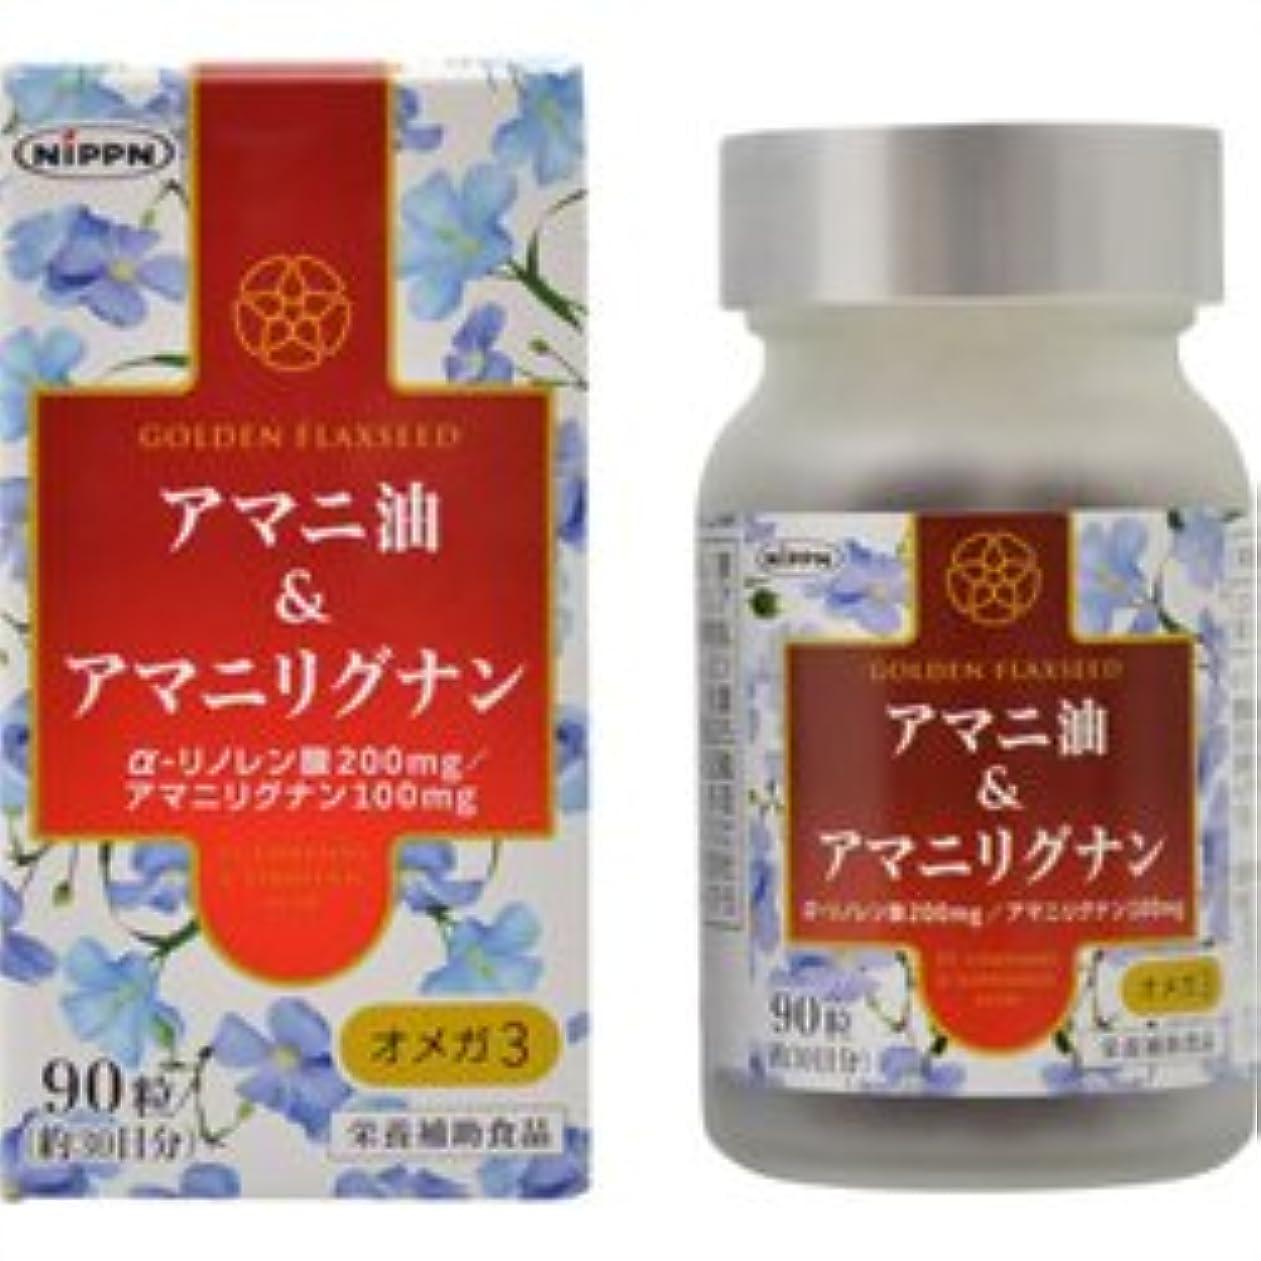 純粋にメンテナンスミス【日本製粉】アマニ油&アマニリグナン 90粒 ×5個セット